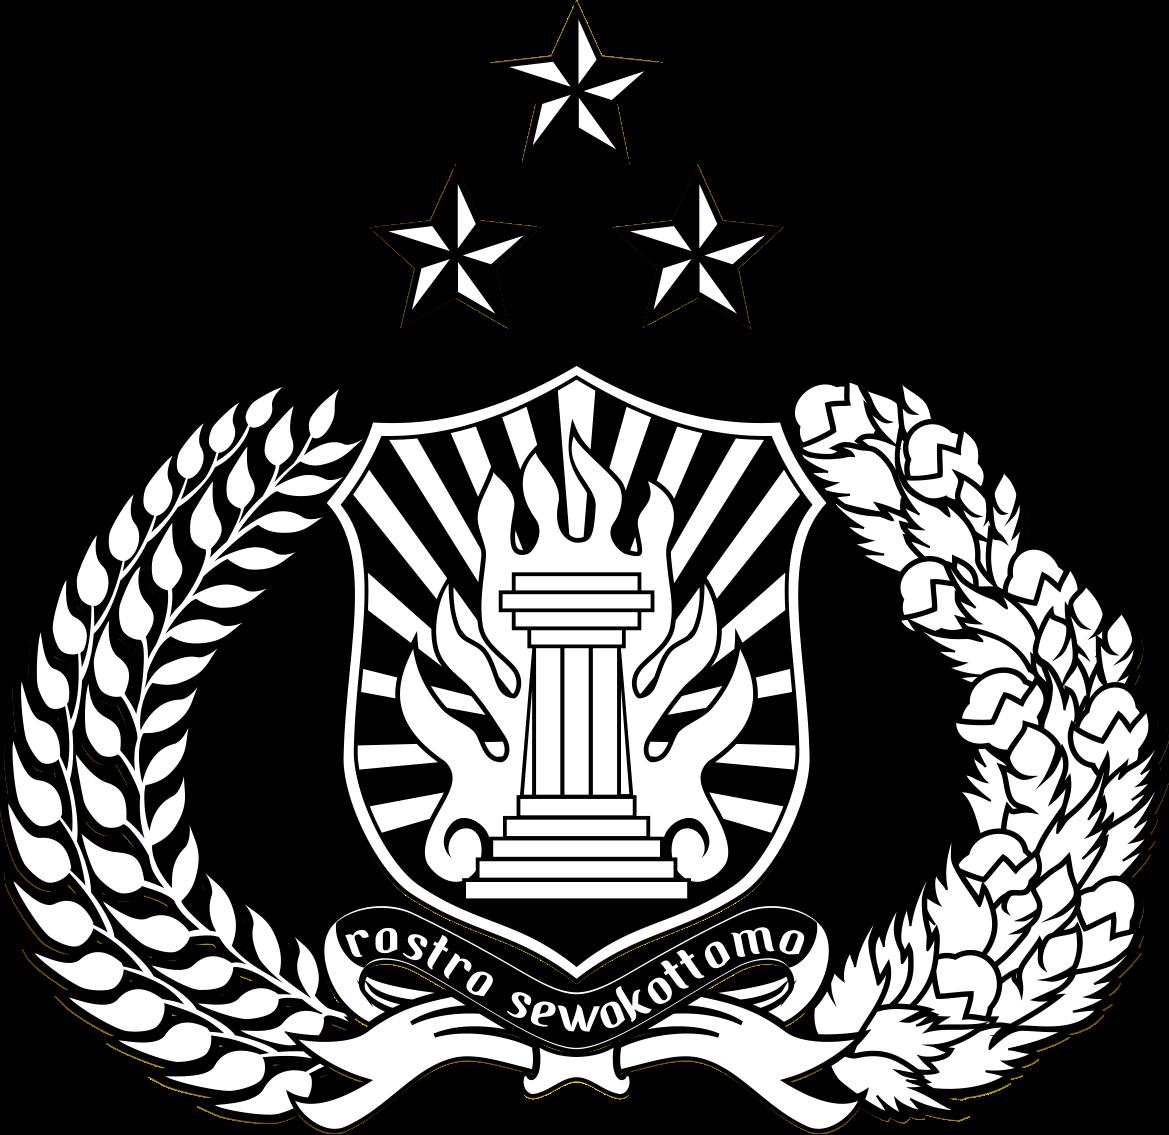 Lambang Polri (Polisi Republik Indonesia).